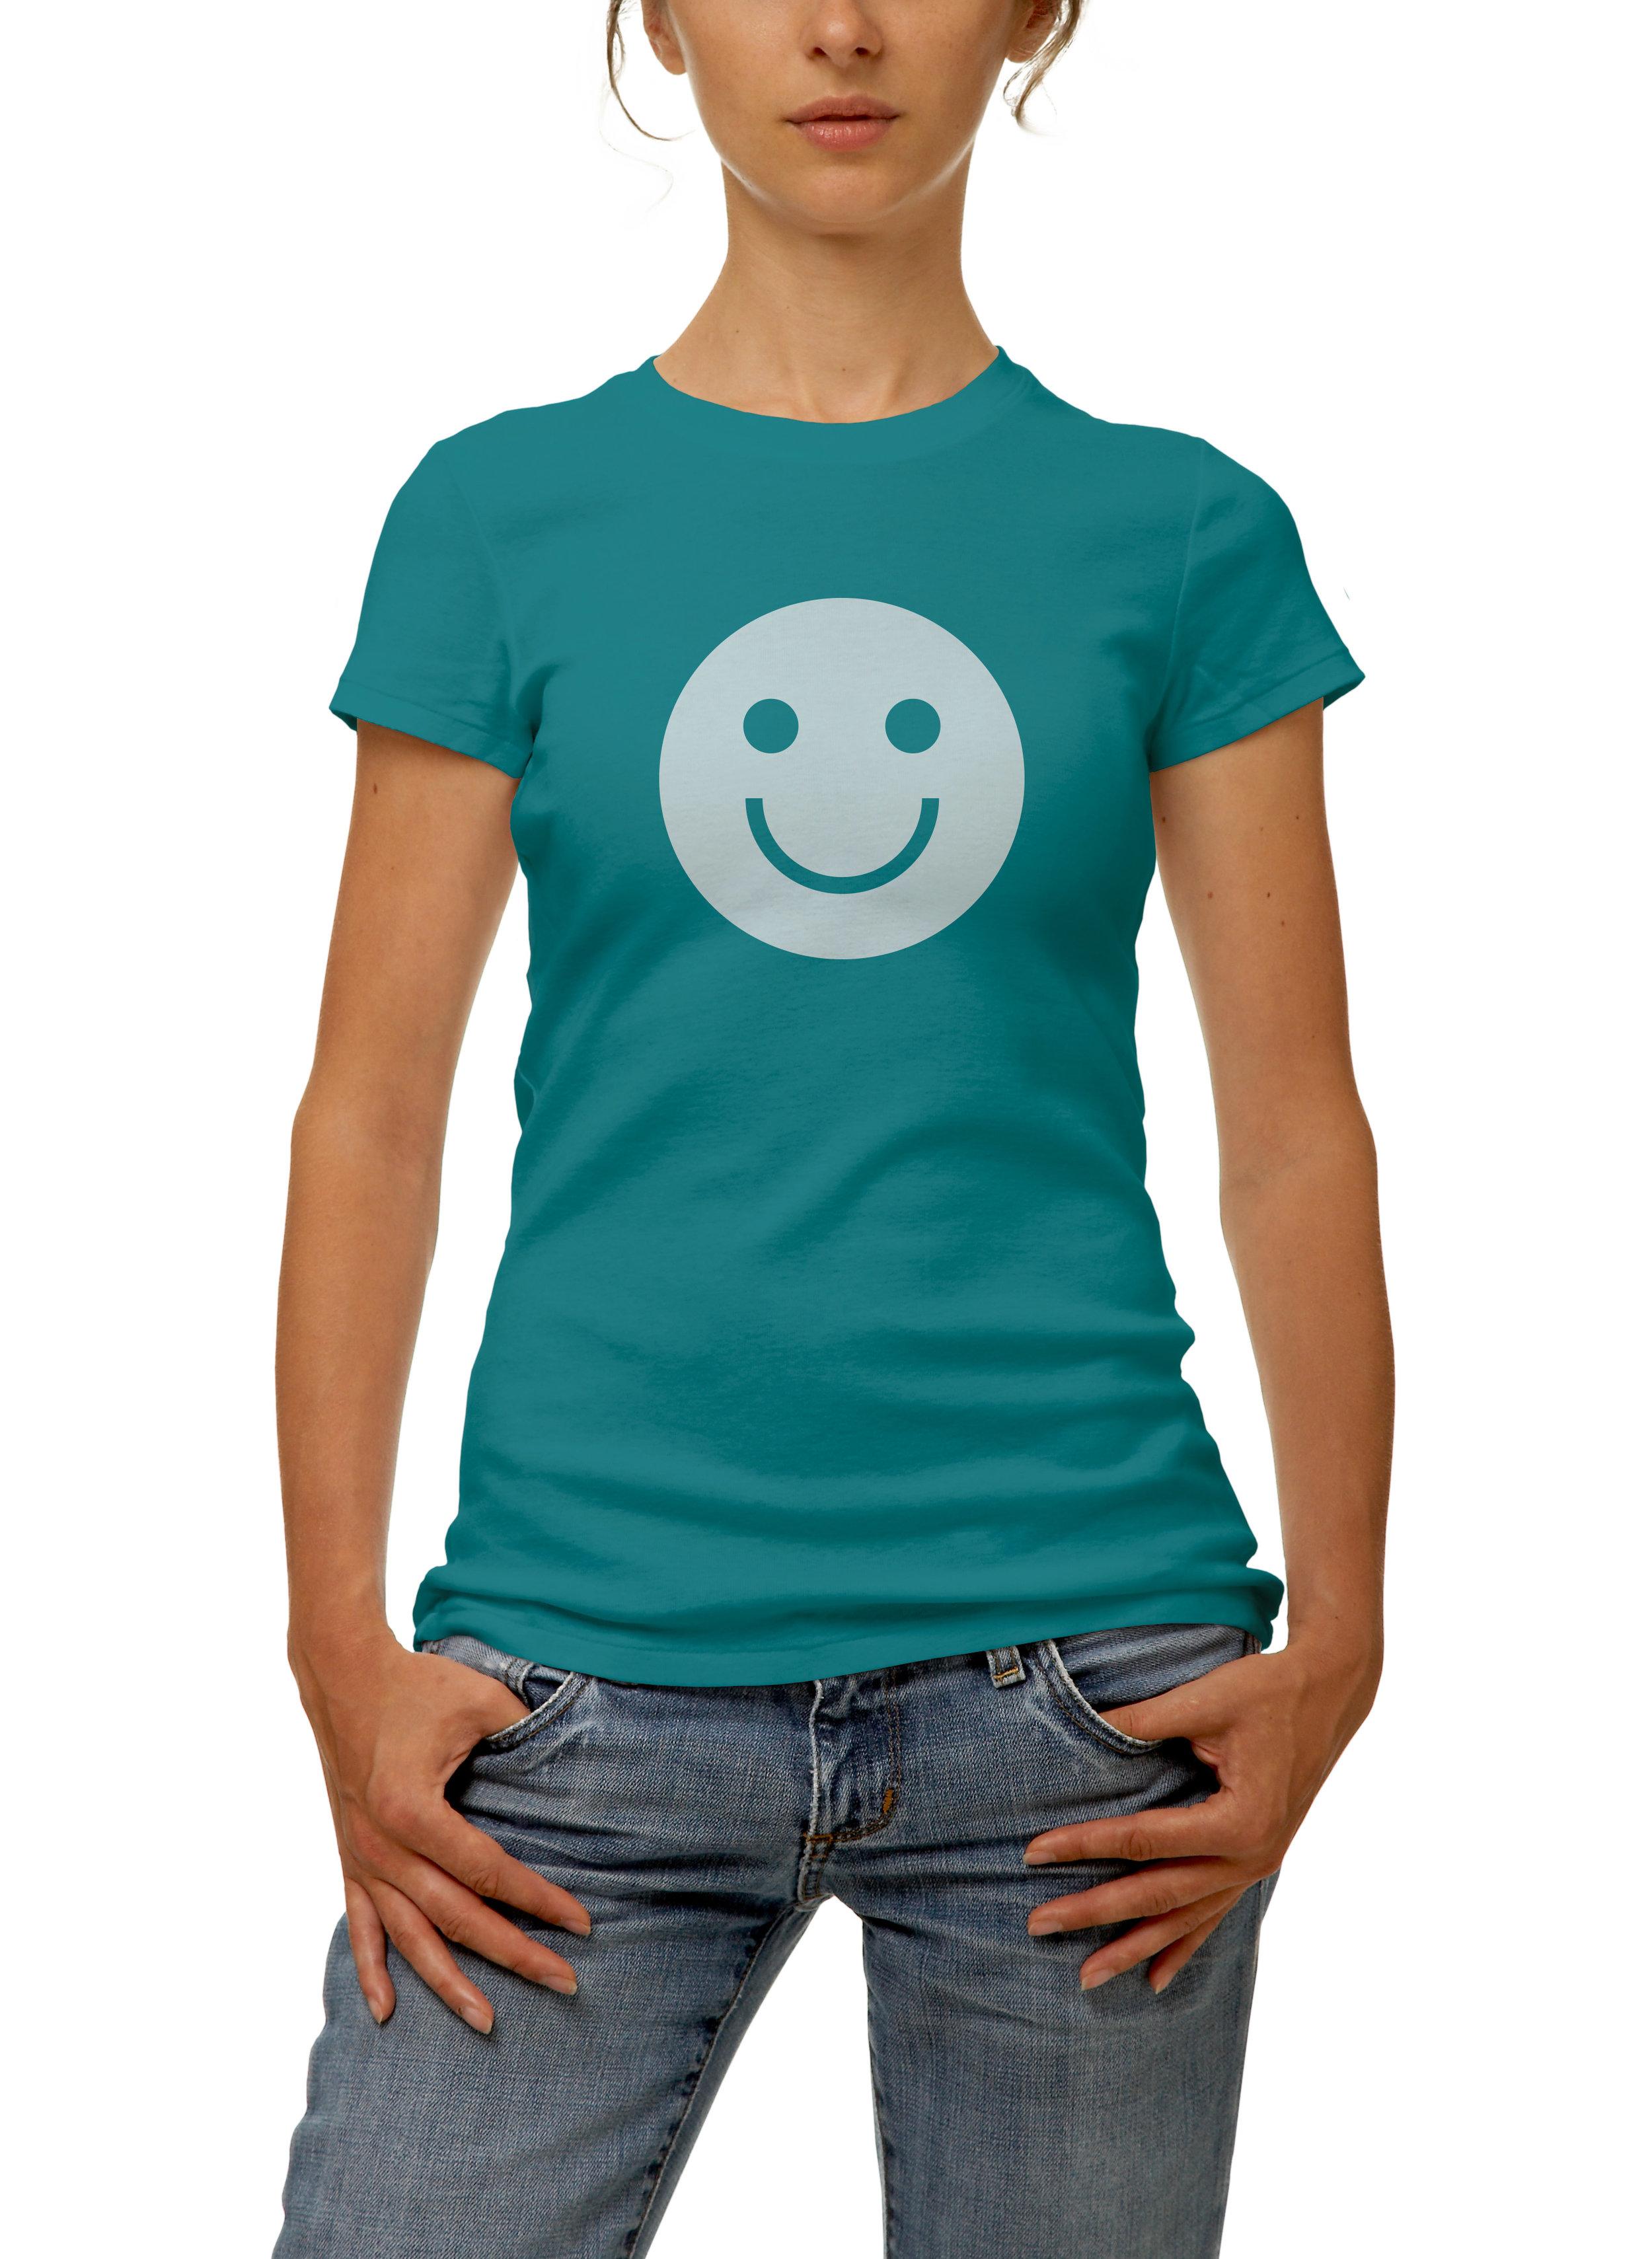 model_shirt4.jpg